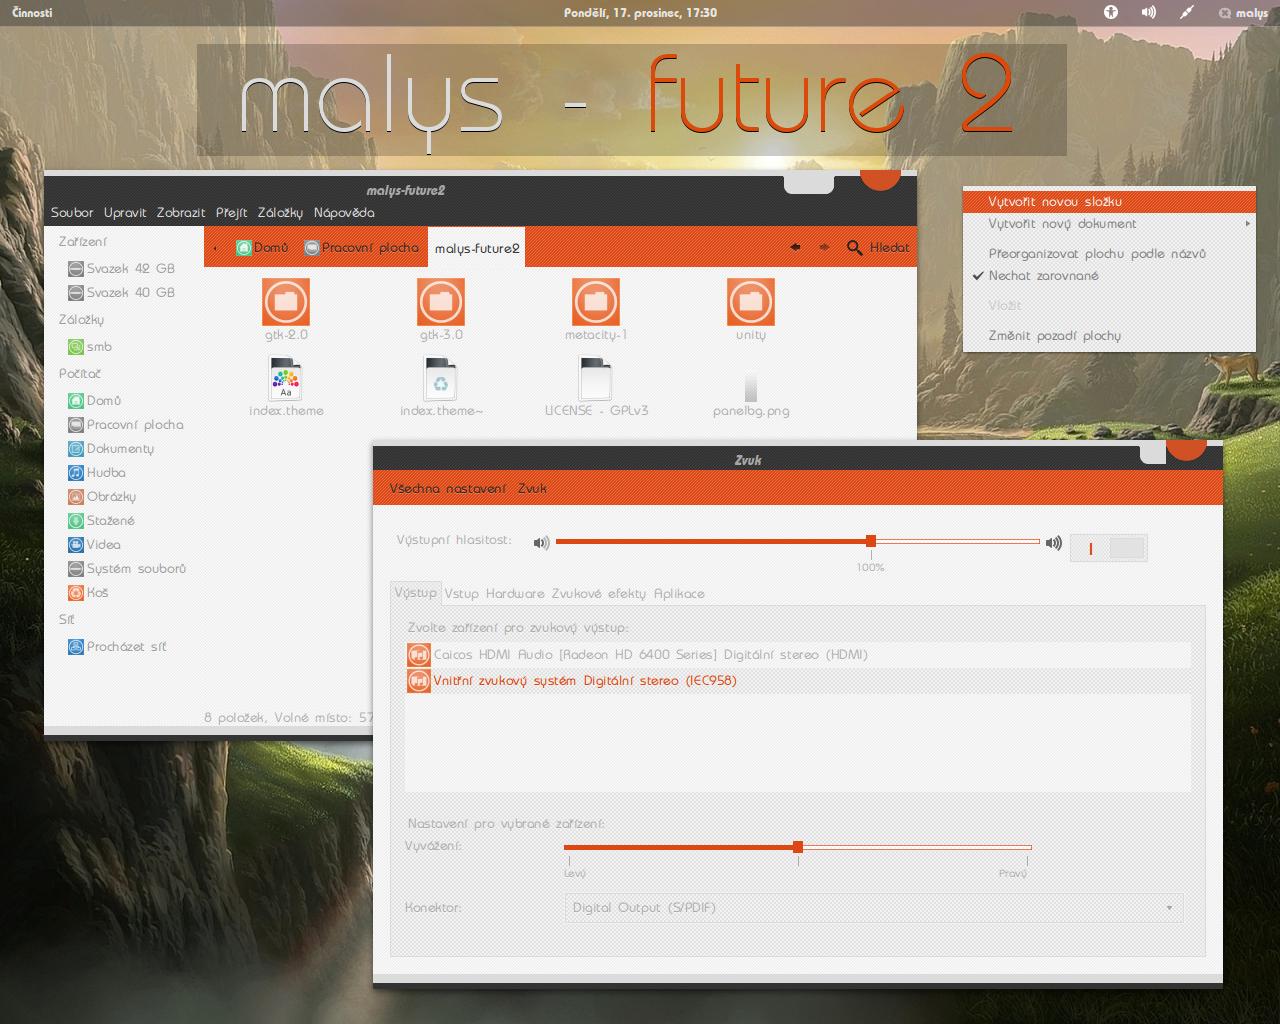 malys - future 2.0 for gnome 3.6